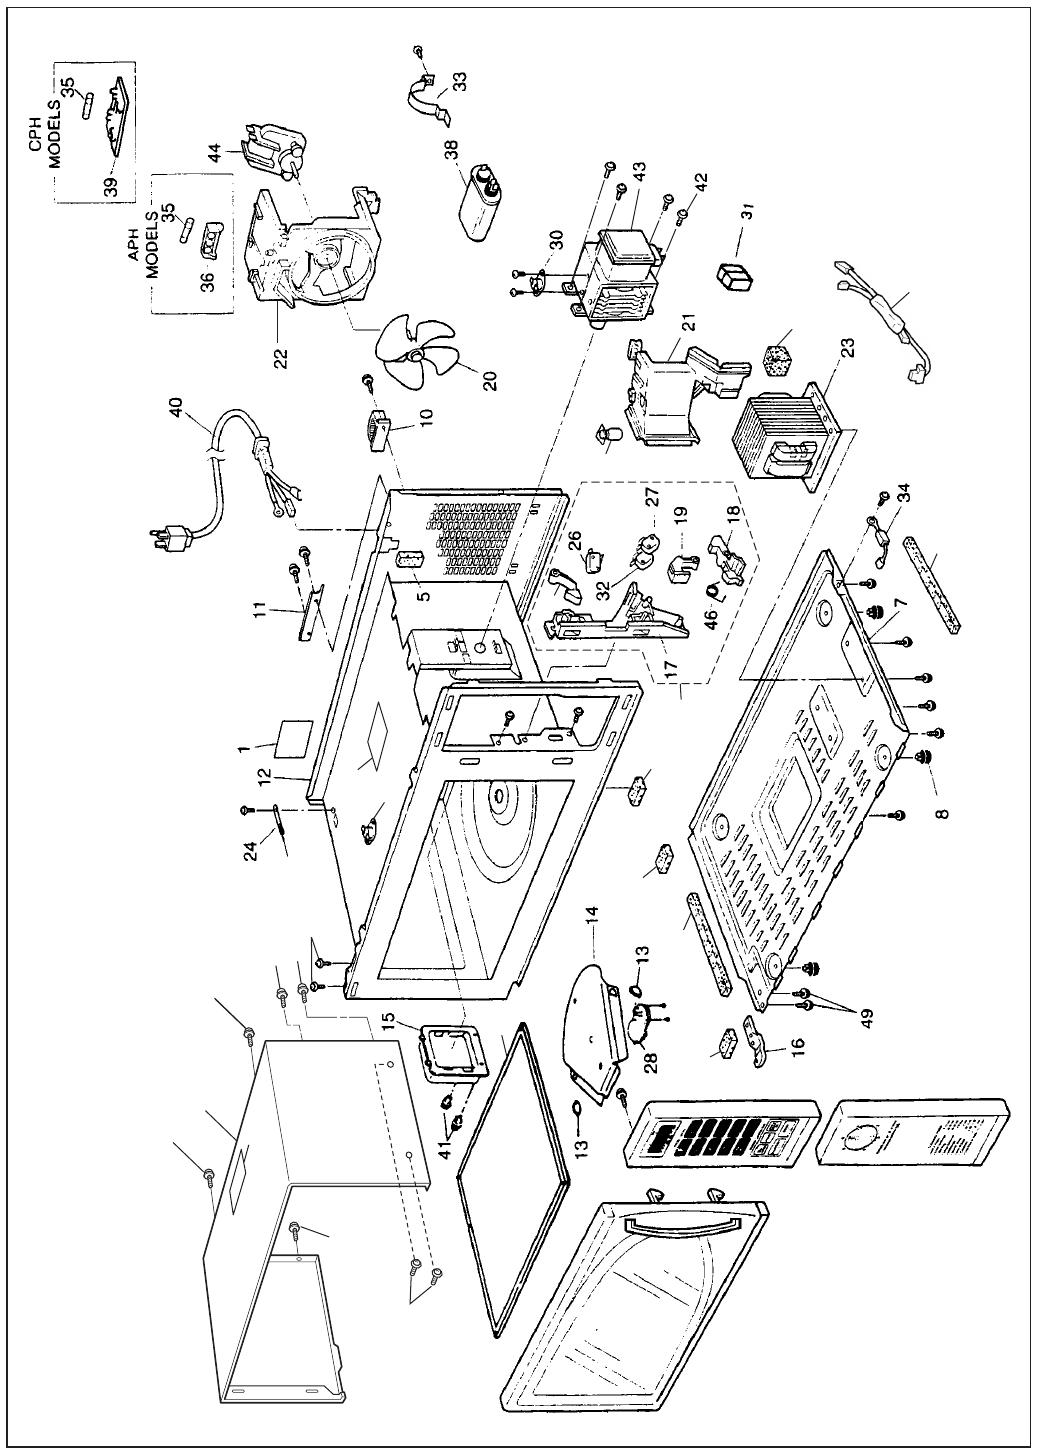 Panasonic Manual Microwave